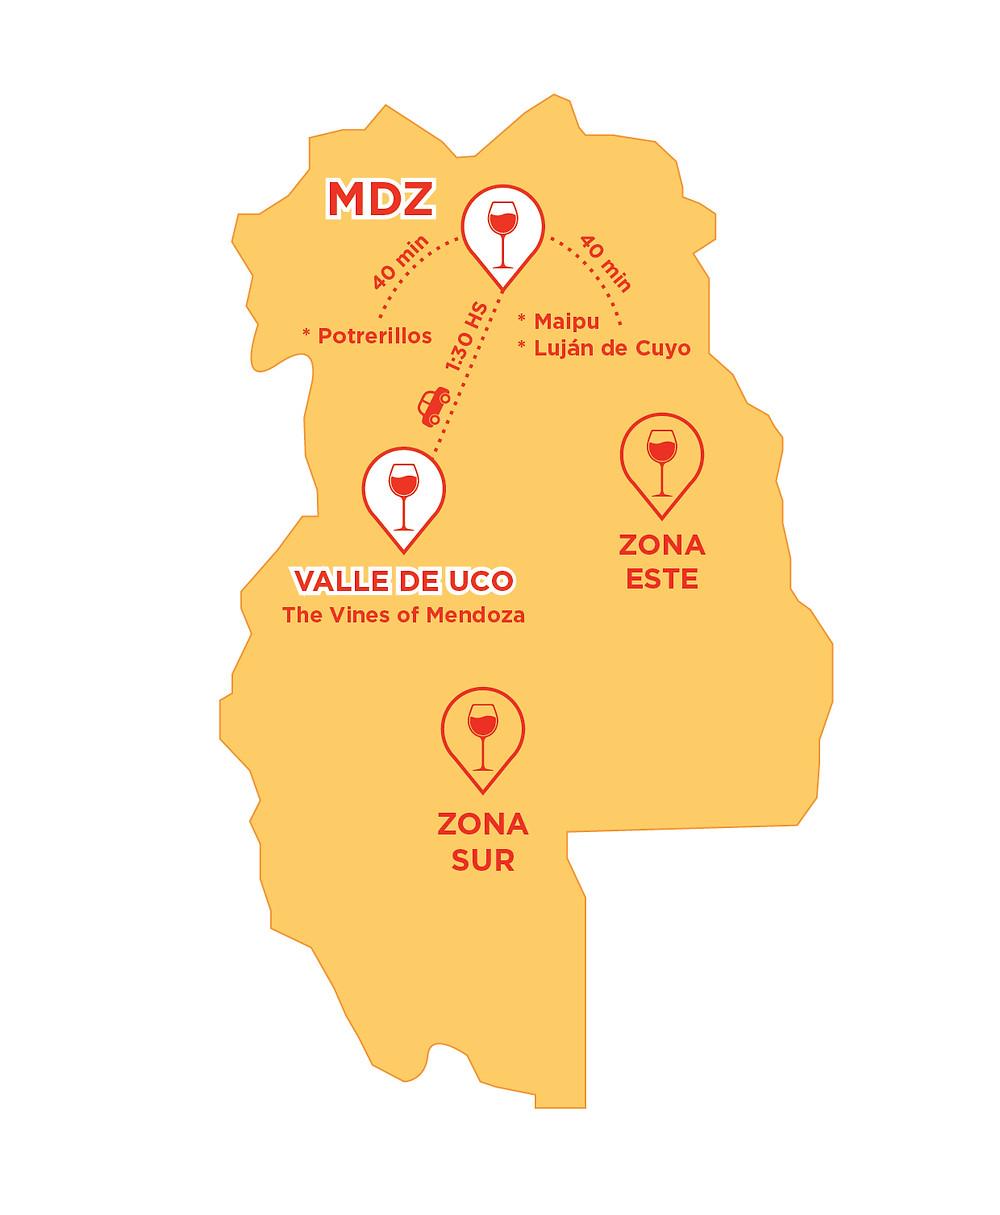 NearBa_MEndoza_RutaDelvino_Wine_TheVinesOfMendoza_mapa